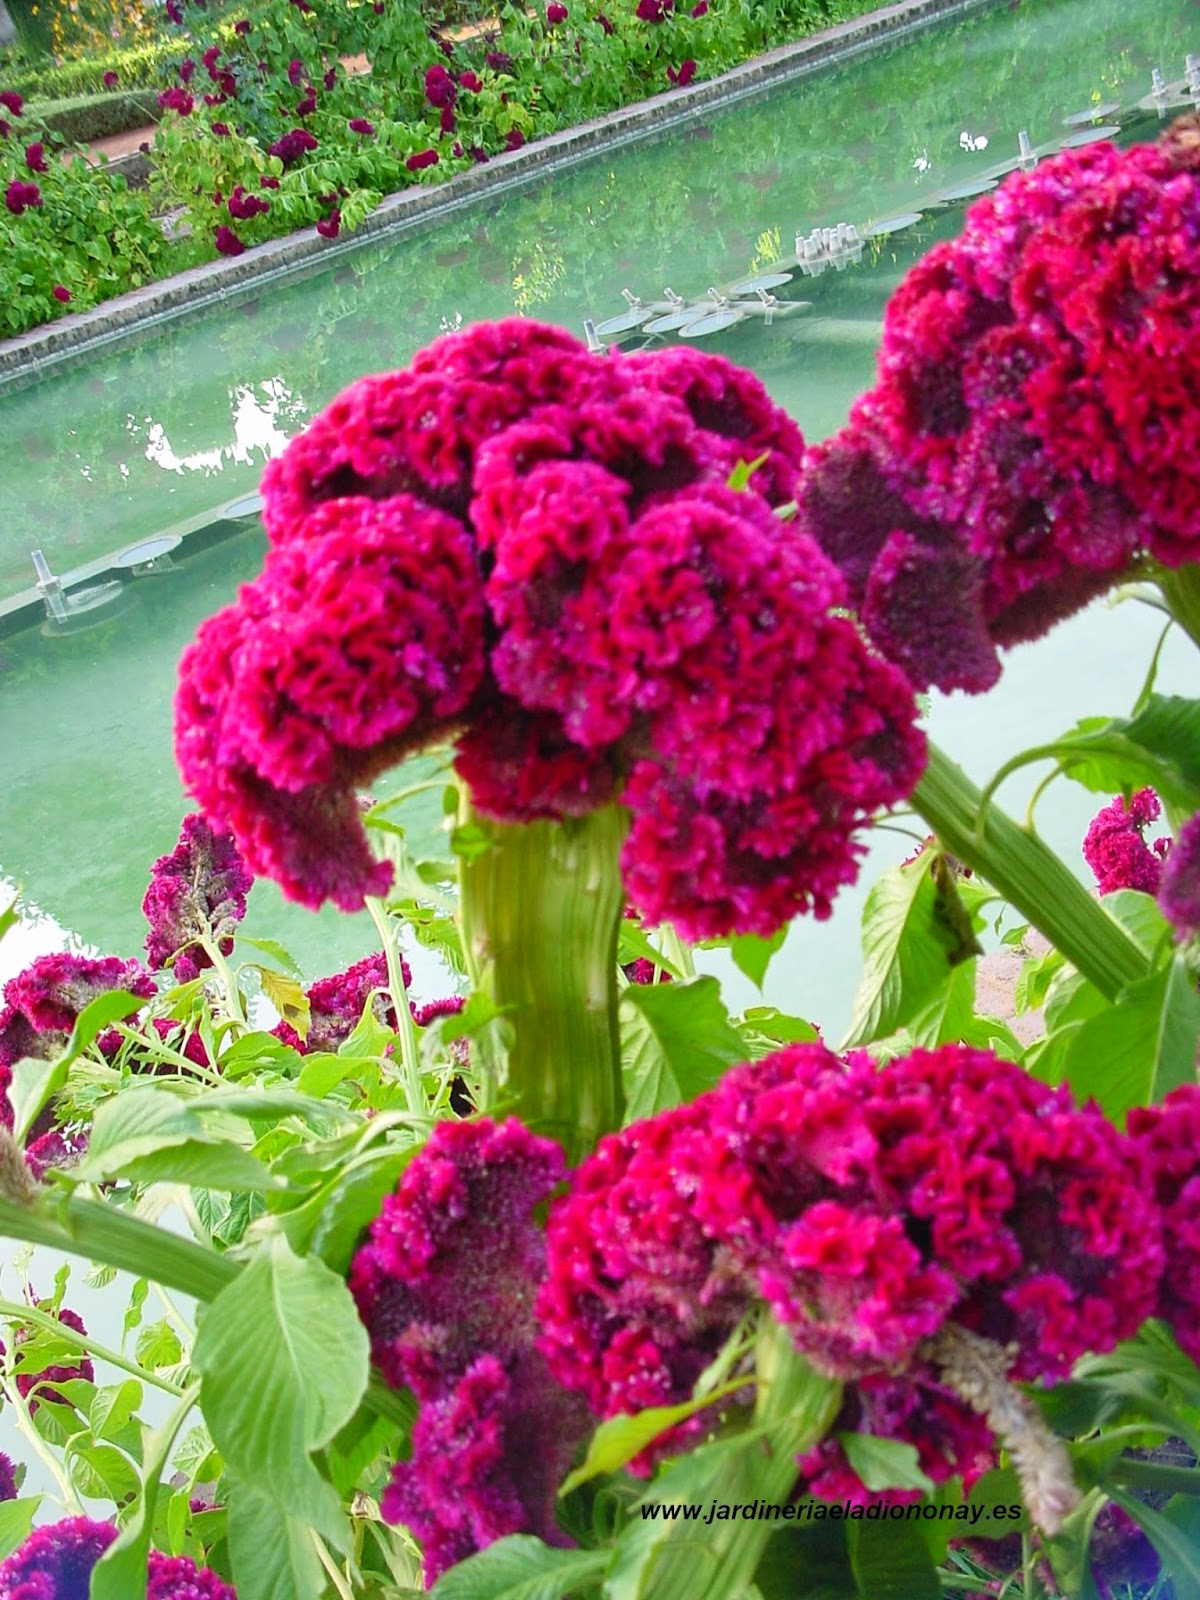 Jardineria eladio nonay plantas repetidas jardiner a - Jardineria eladio nonay ...